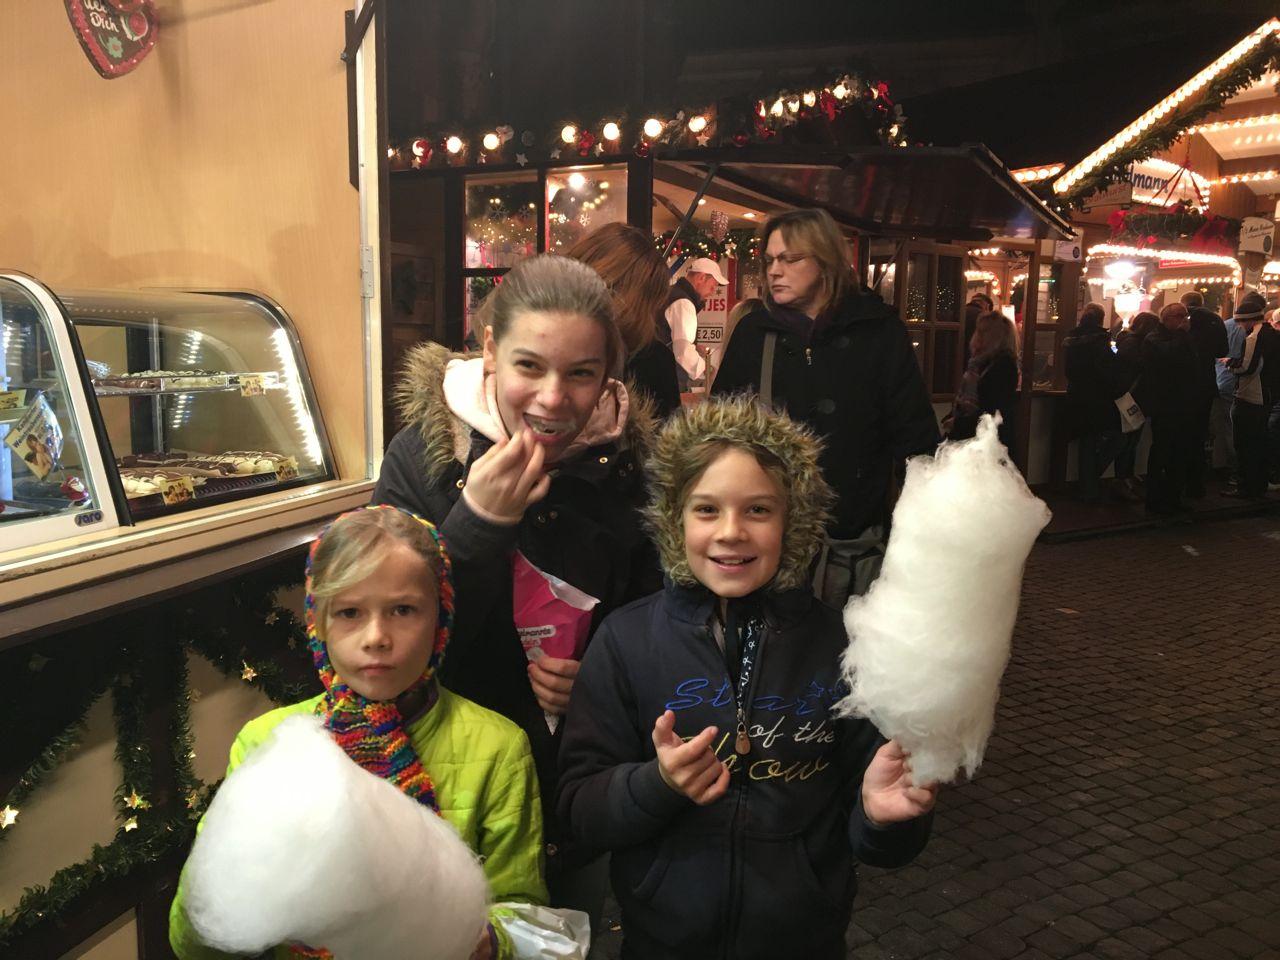 Ein intensiver Besuch auf dem Weihnachtsmarkt, mit allem was dazu gehört.